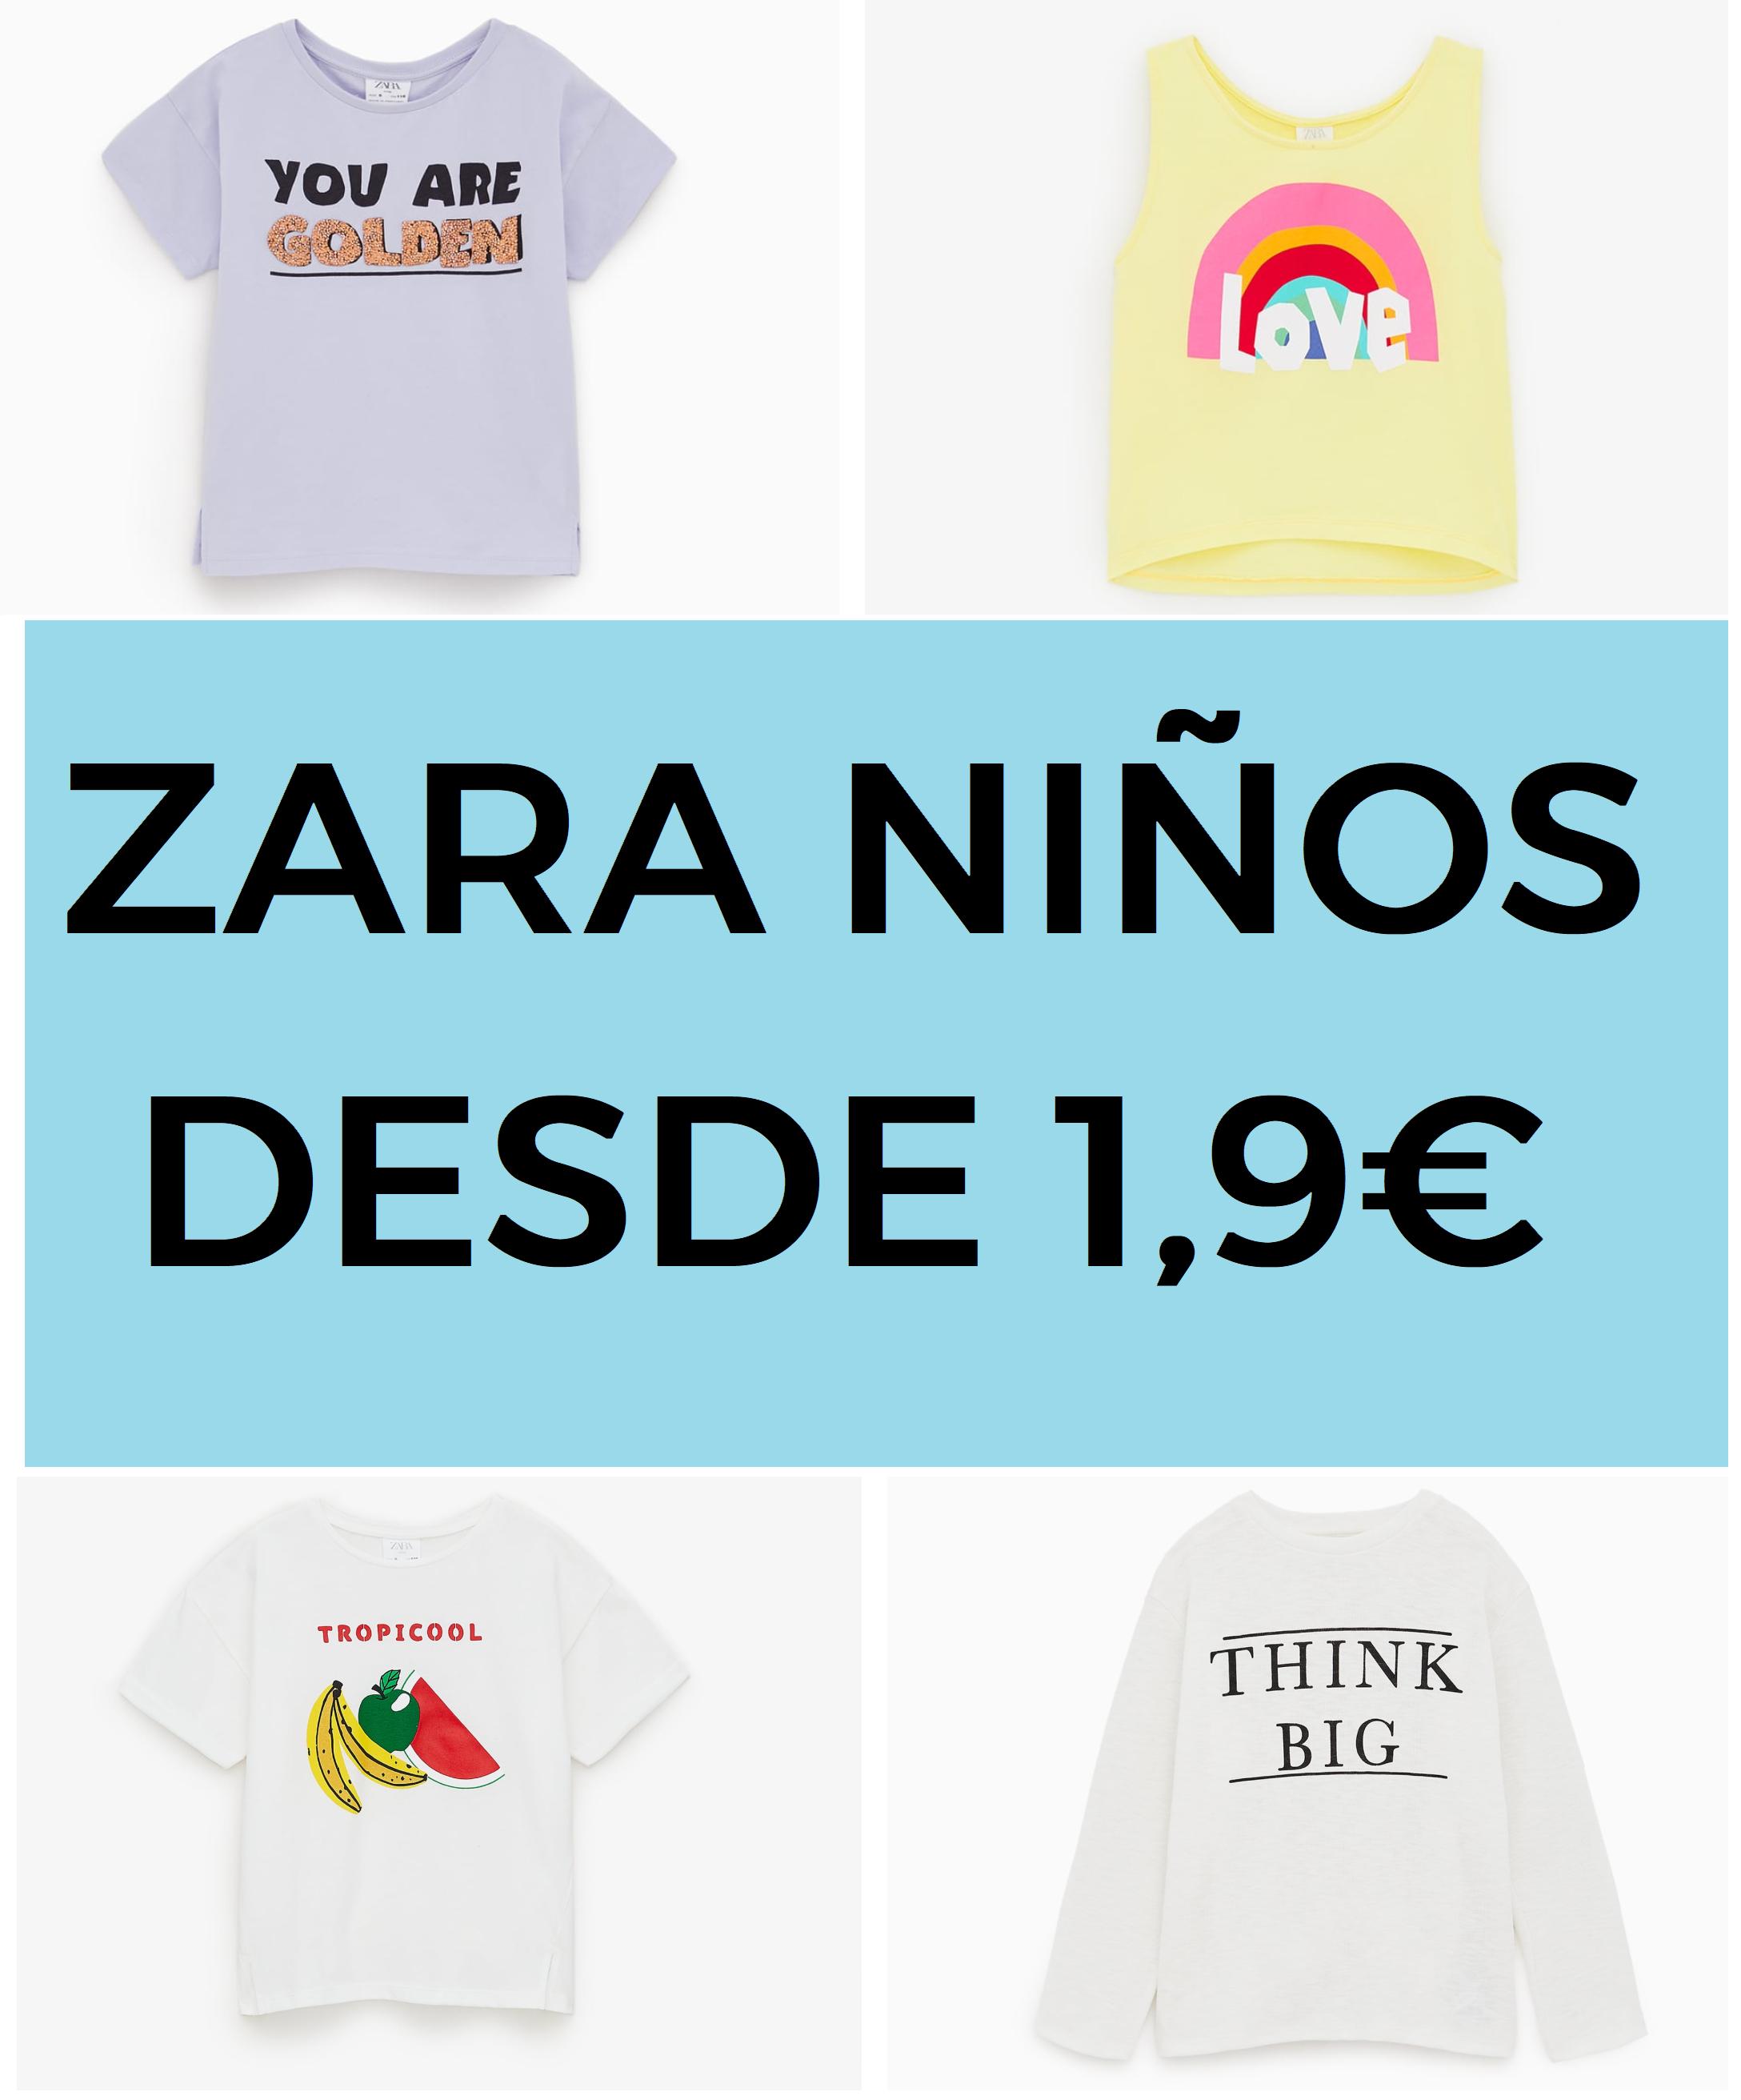 Rebajas en Zara niños desde 1,99€